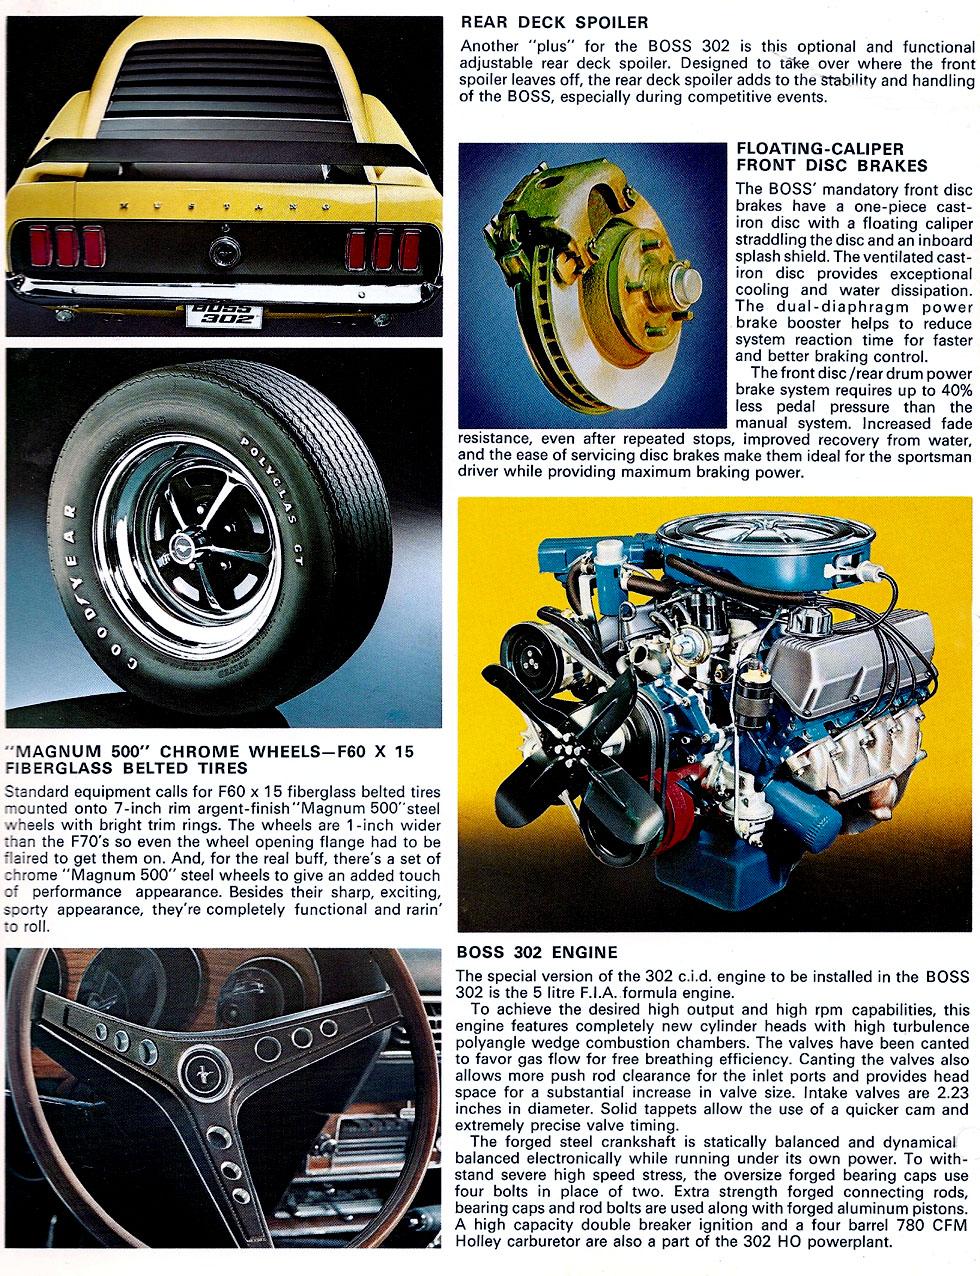 1969 Mustang Boss 302 specs